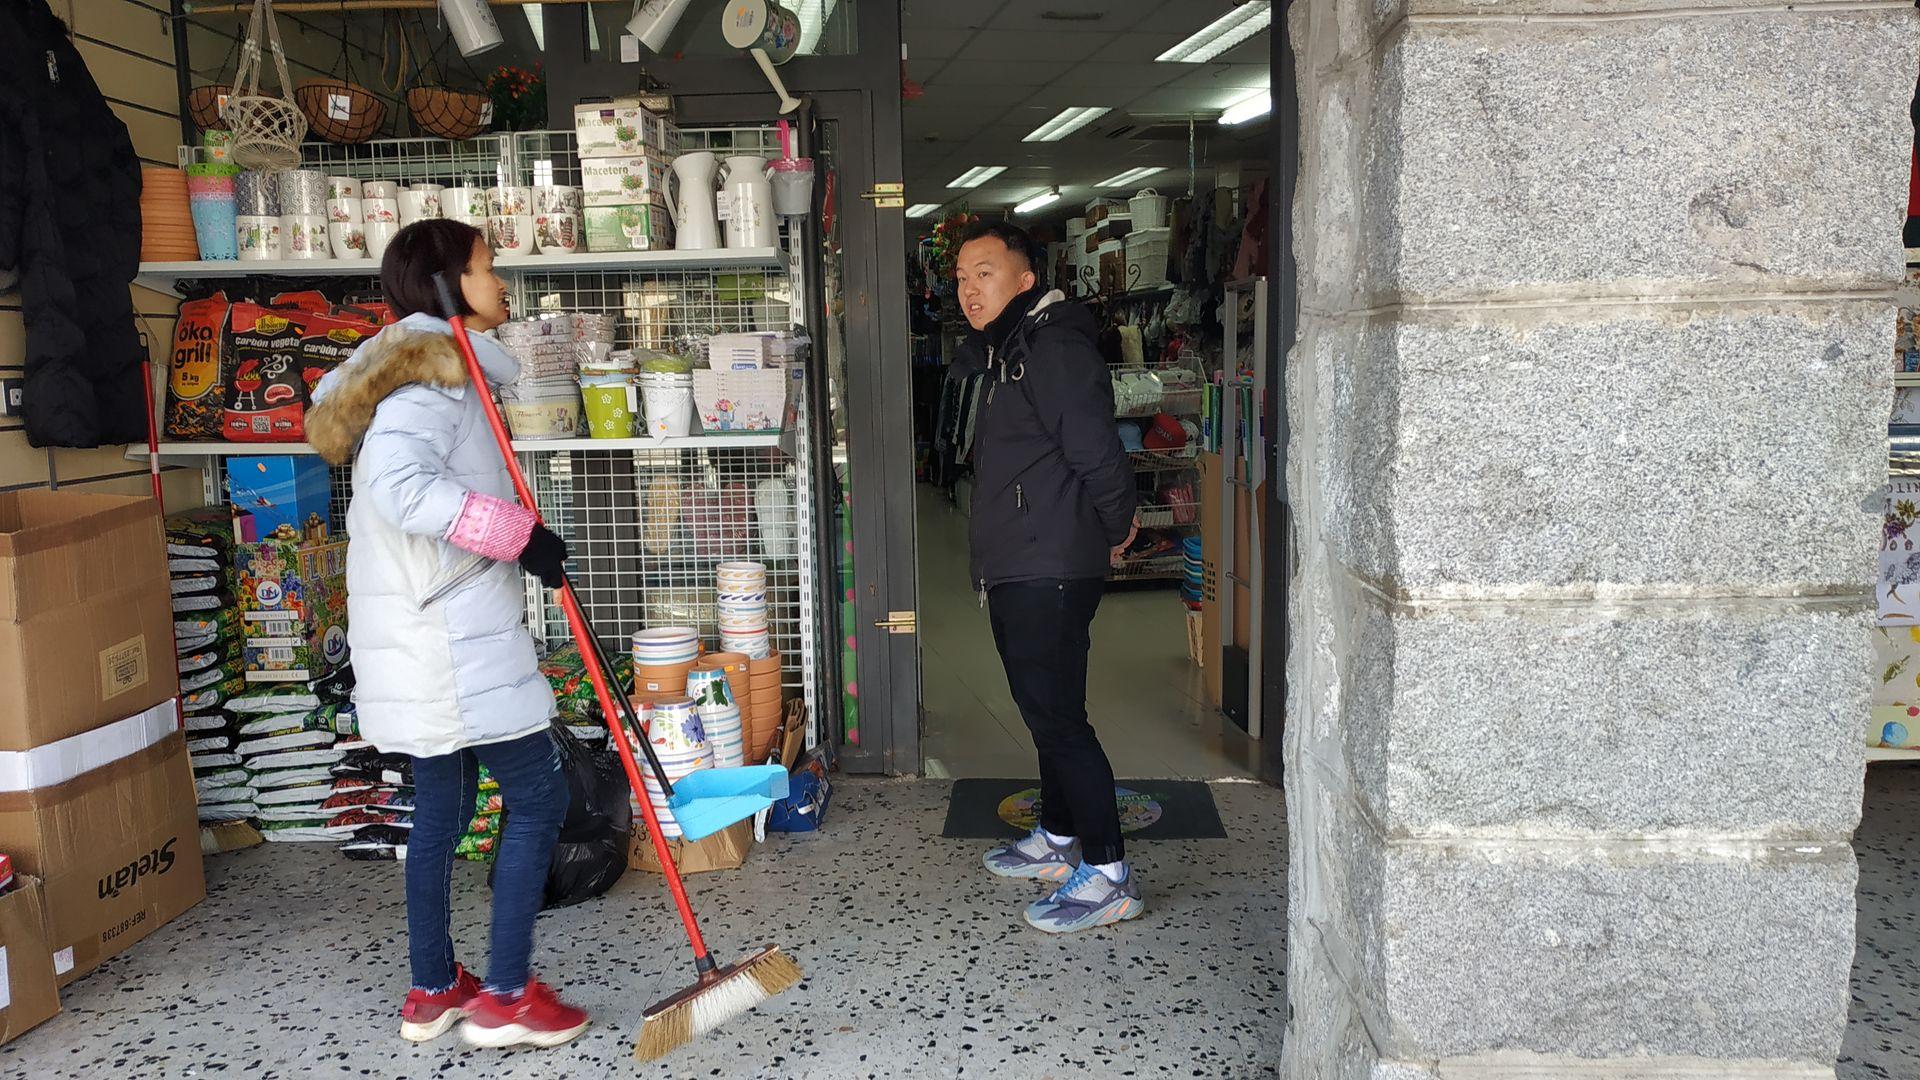 chinos-clientes-tienda.jpg